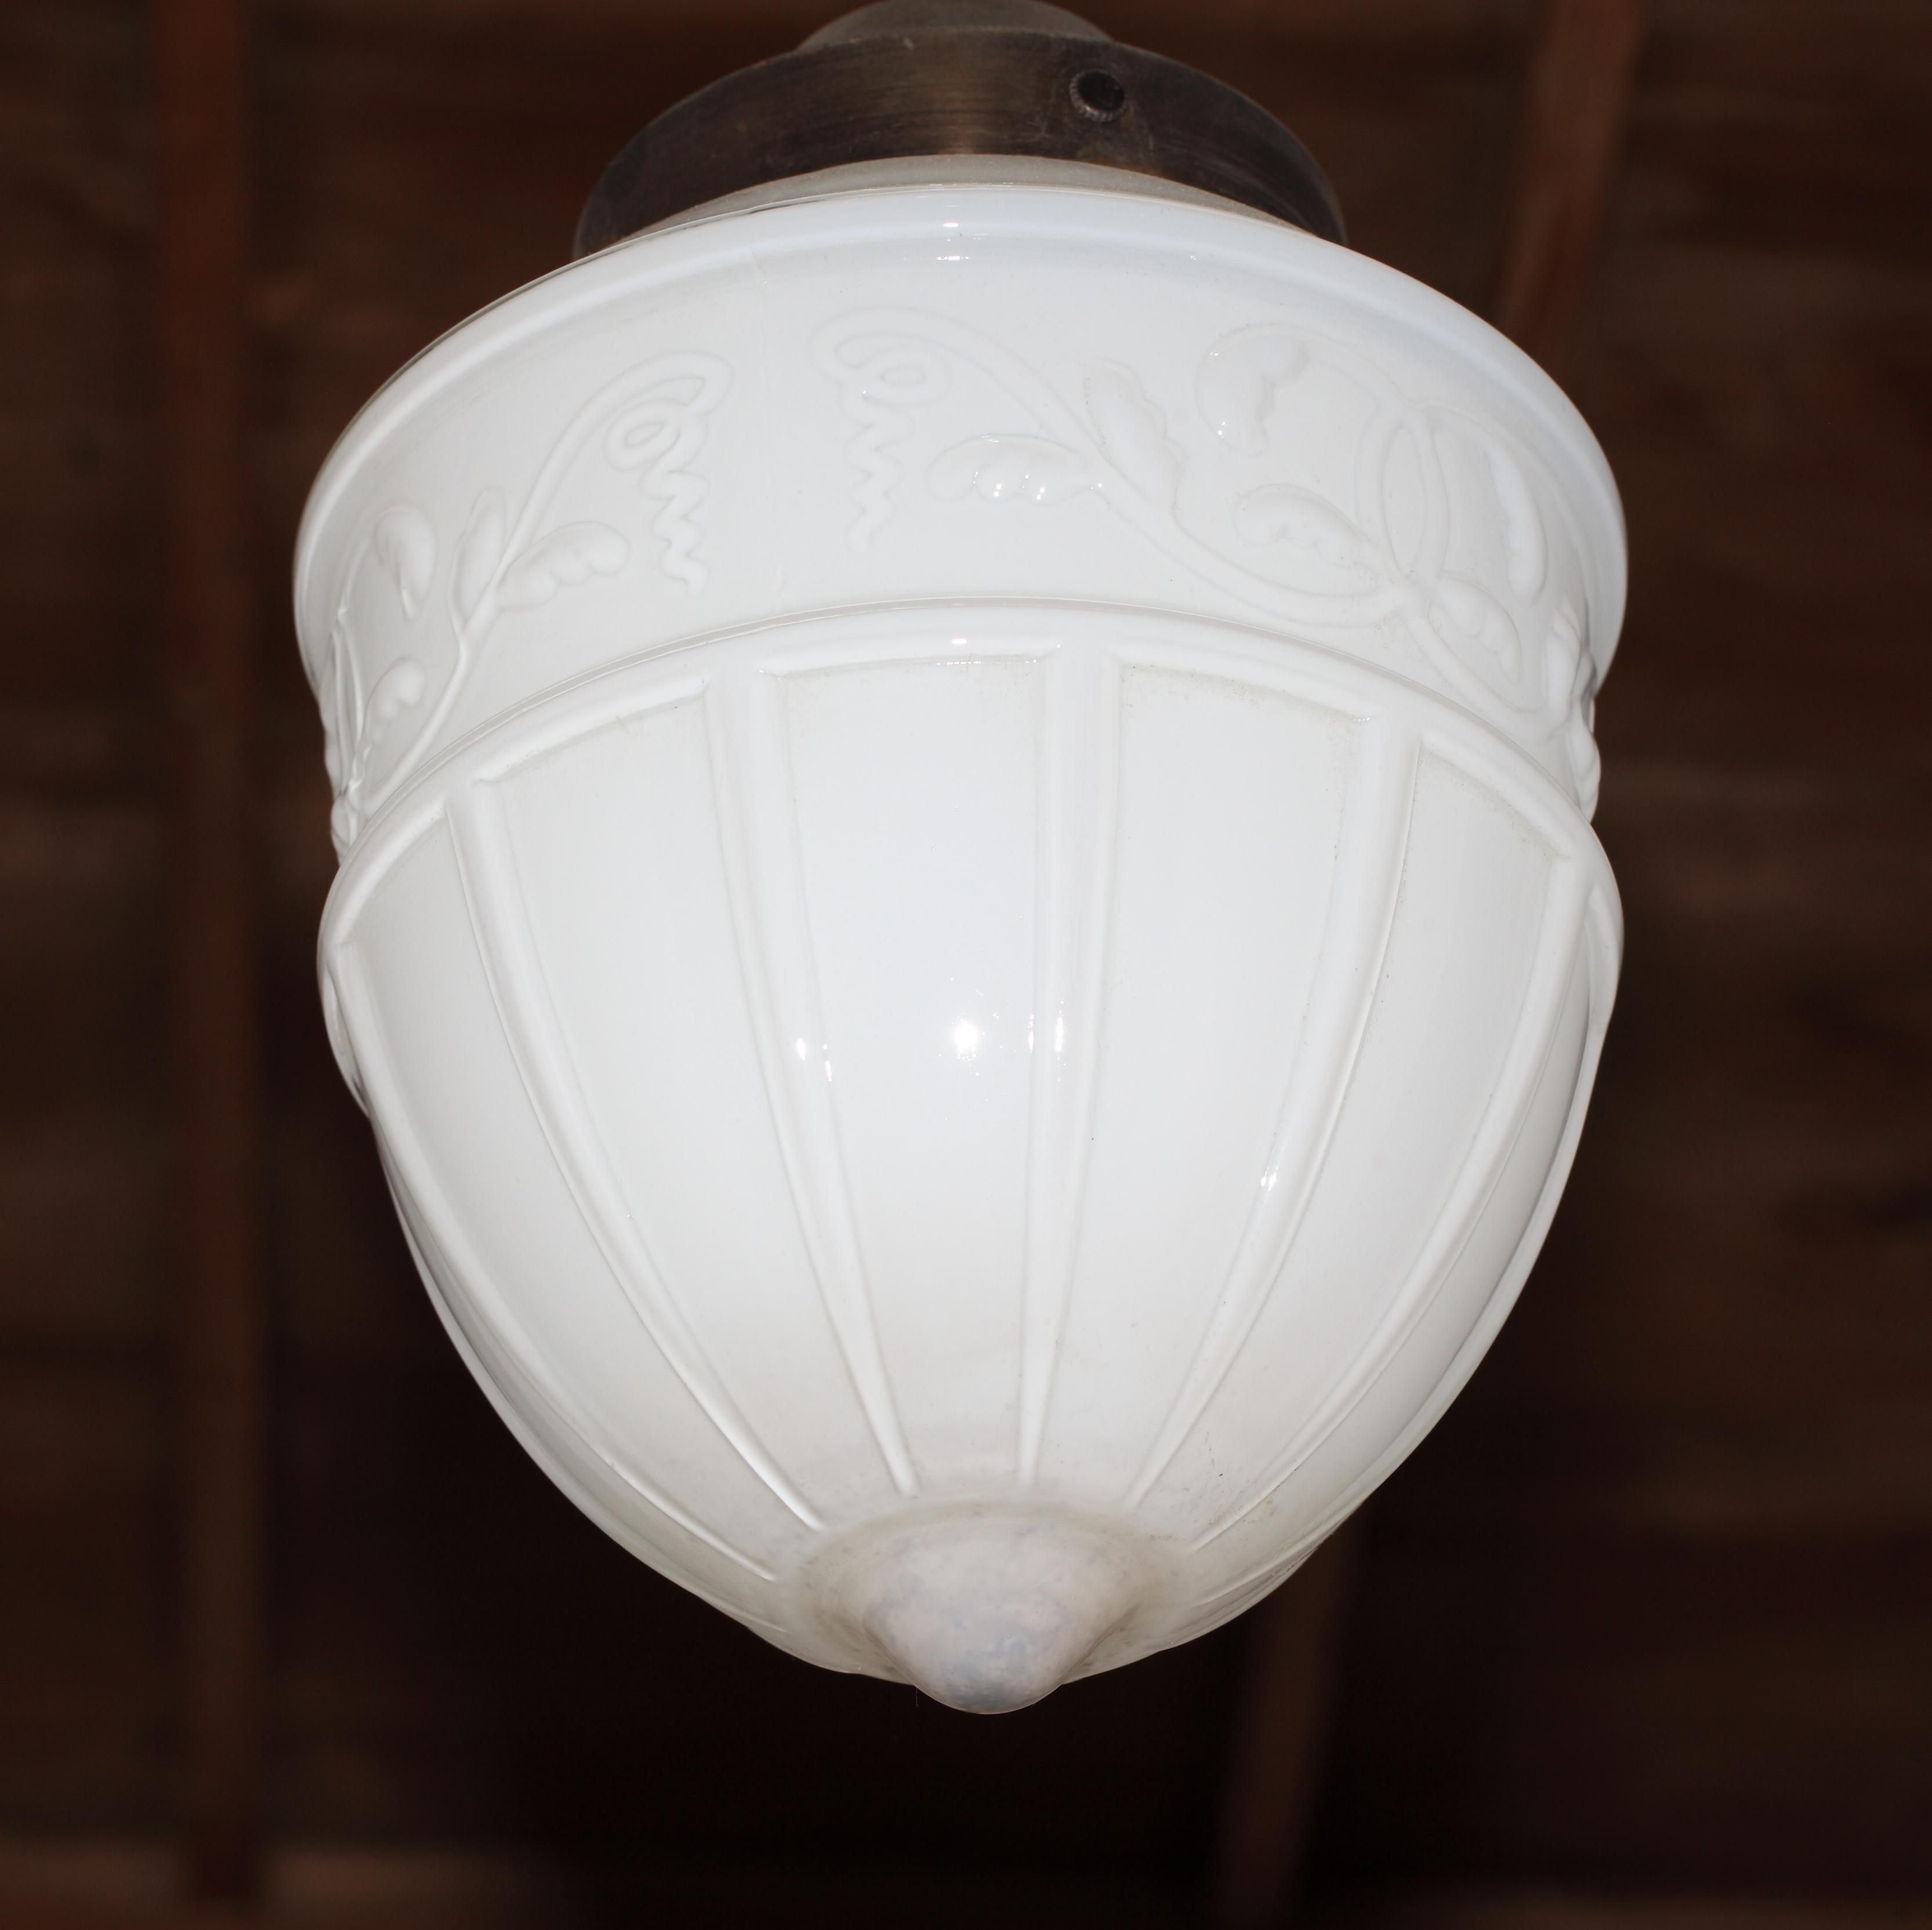 Kostenlose Foto : Licht, Weiß, Haus, Innere, Glas, Decke, Hoch, Keramik,  Lampe, Beleuchtung, Material, Produkt, Cooles Bild, Entwurf, Japanisch,  Leuchte, ...